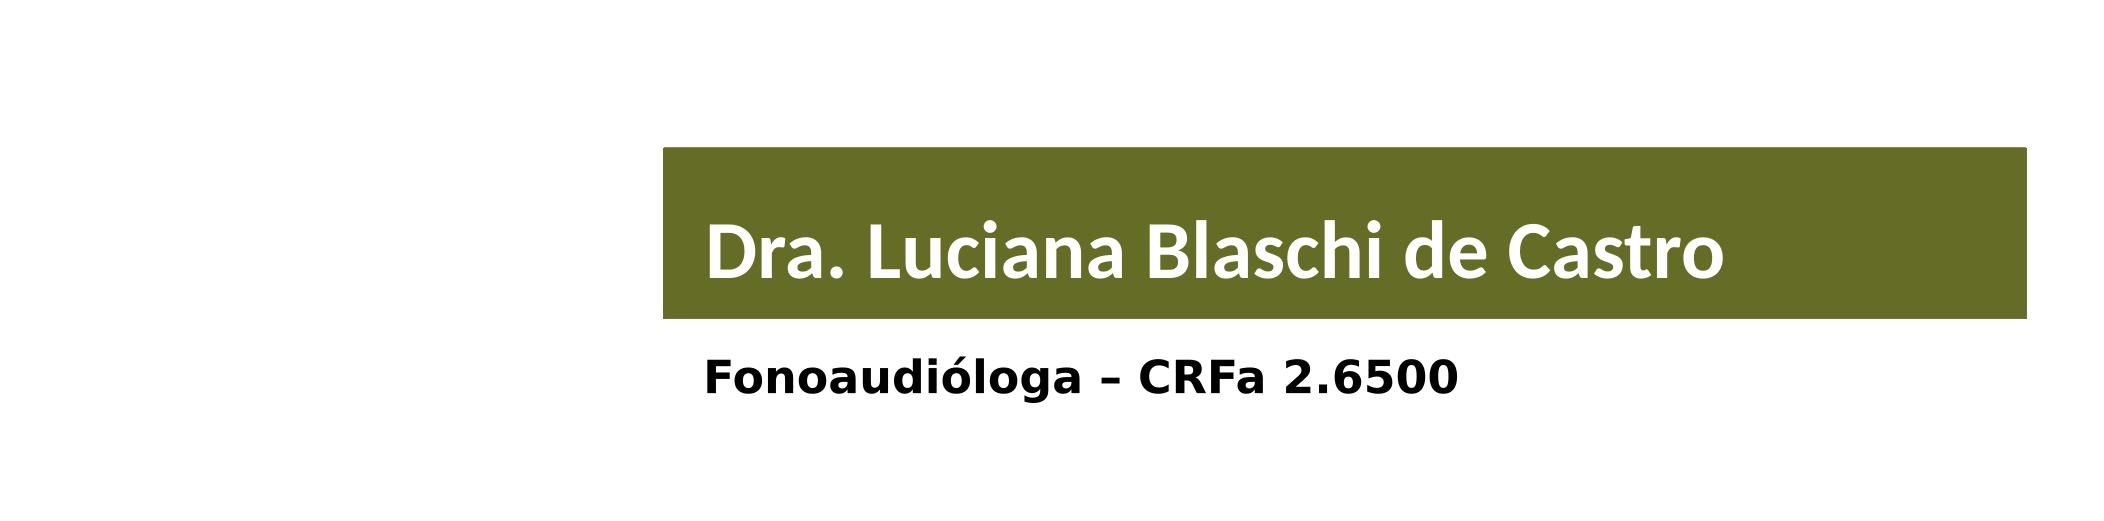 especialista dra luciana blaschi de castro 080419